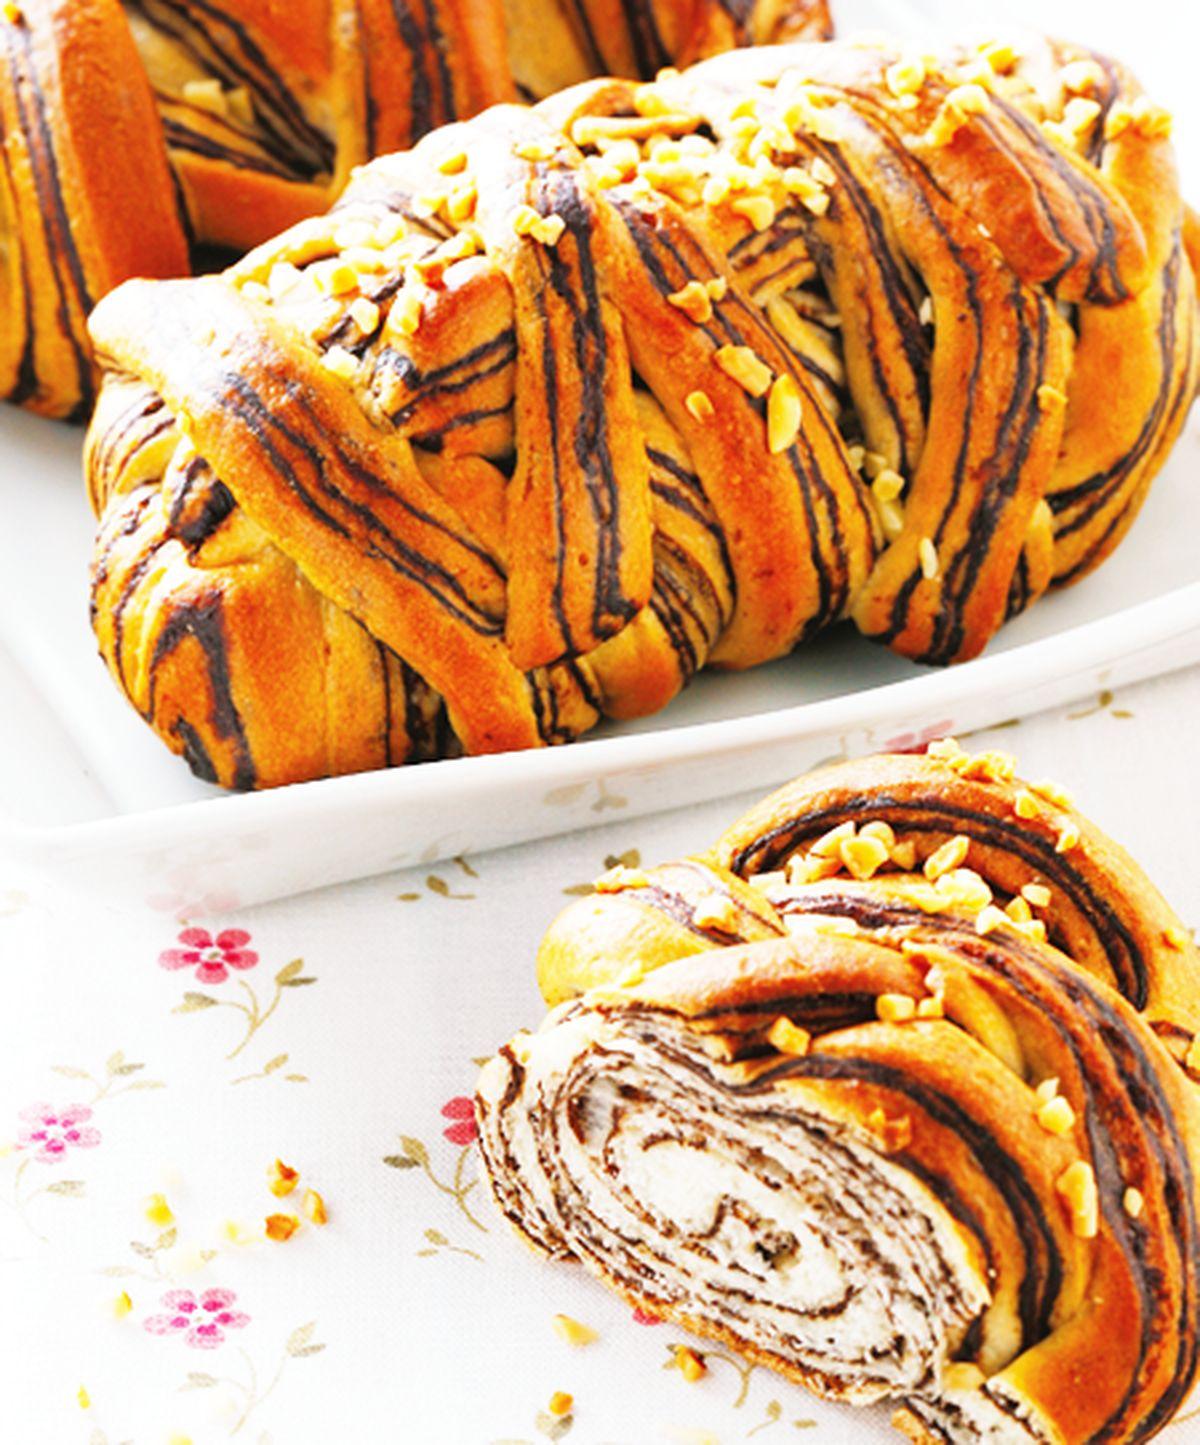 食譜:鮮奶大理石麵包